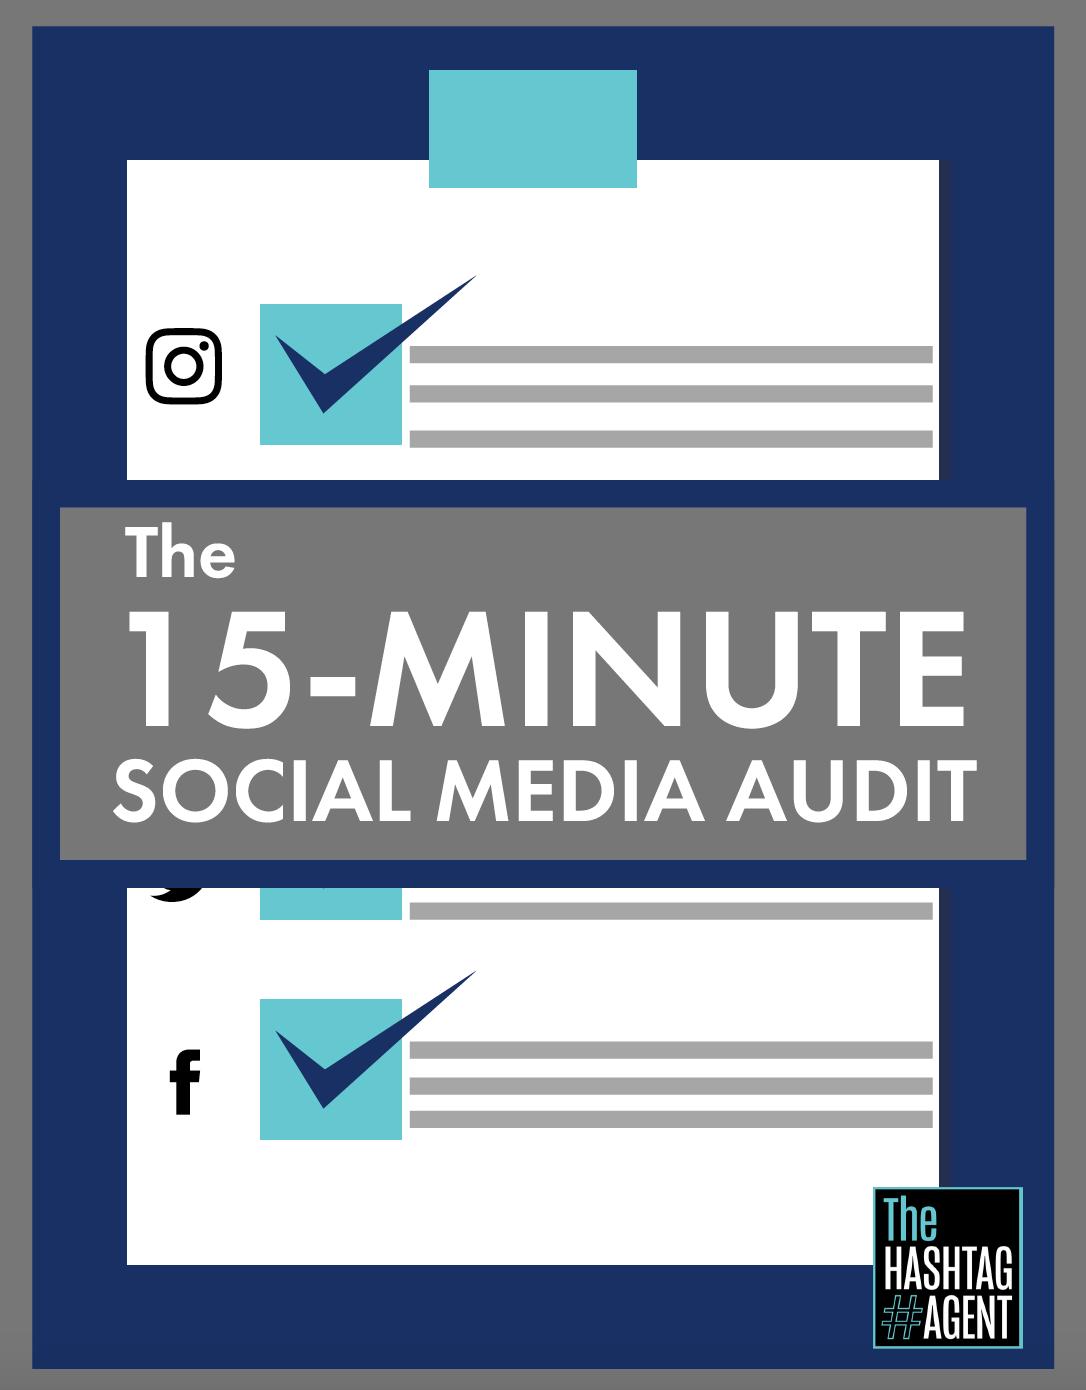 15 Minute Social Media Audit